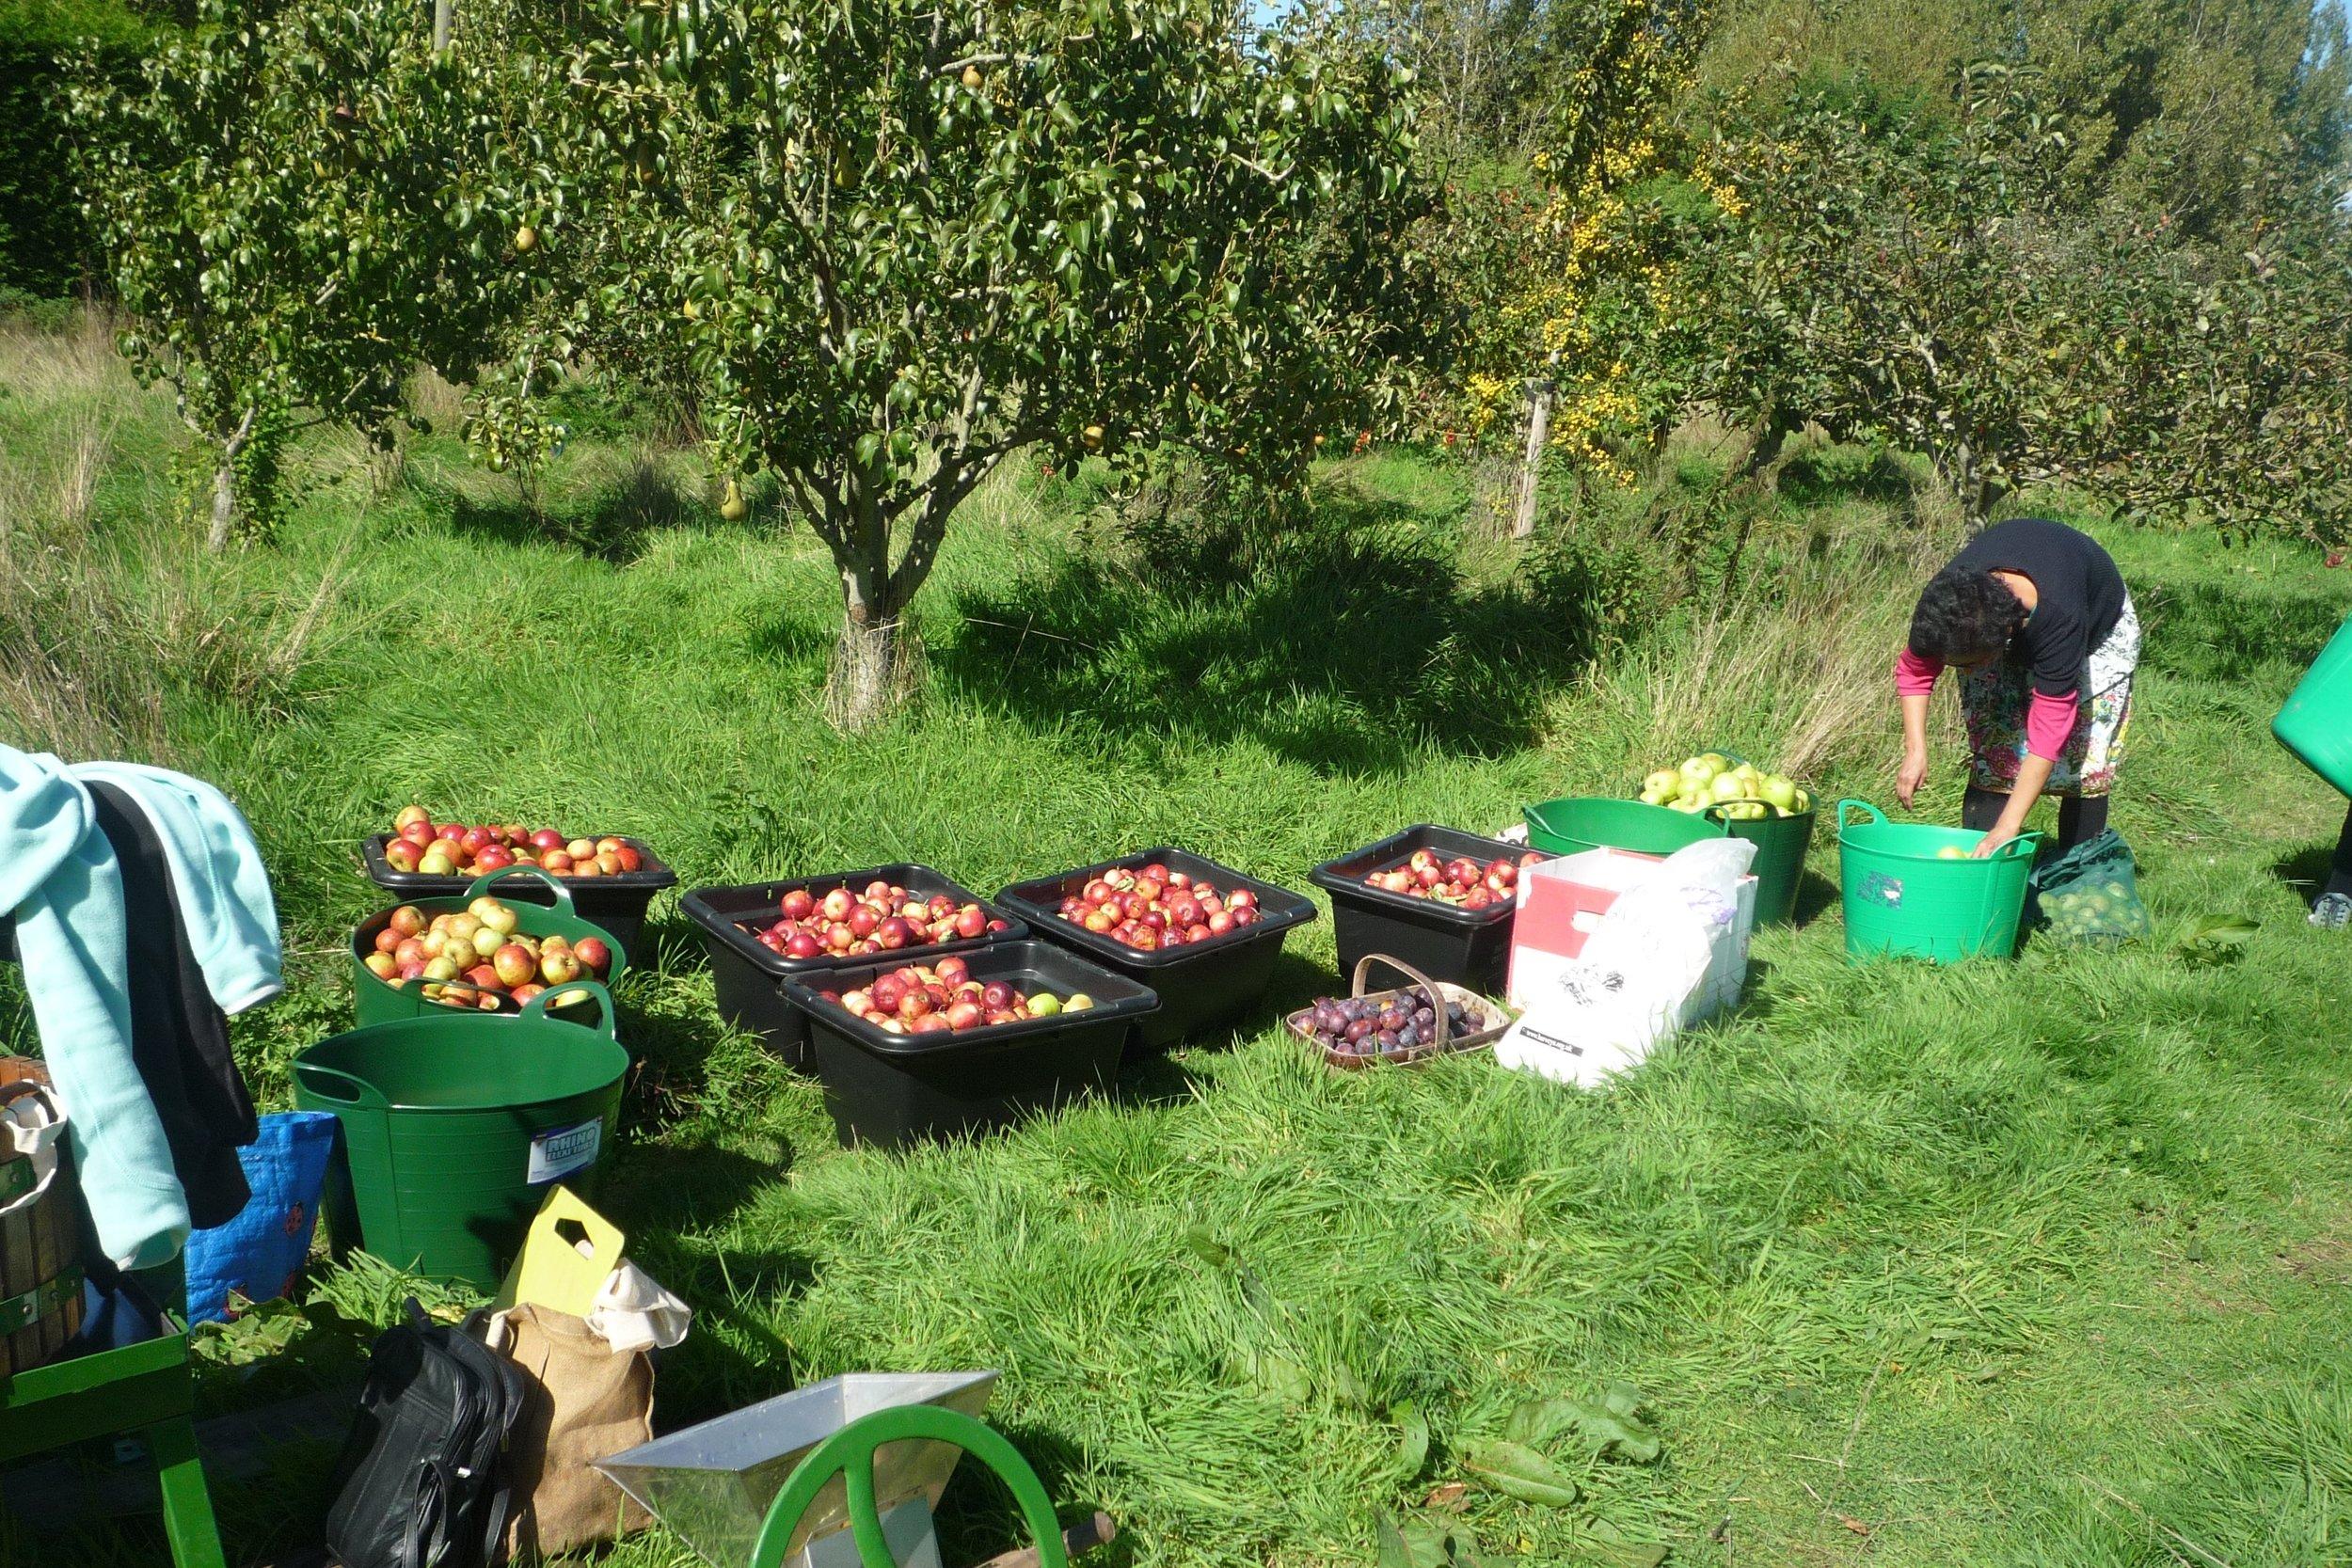 orchard-sept-2015.jpg